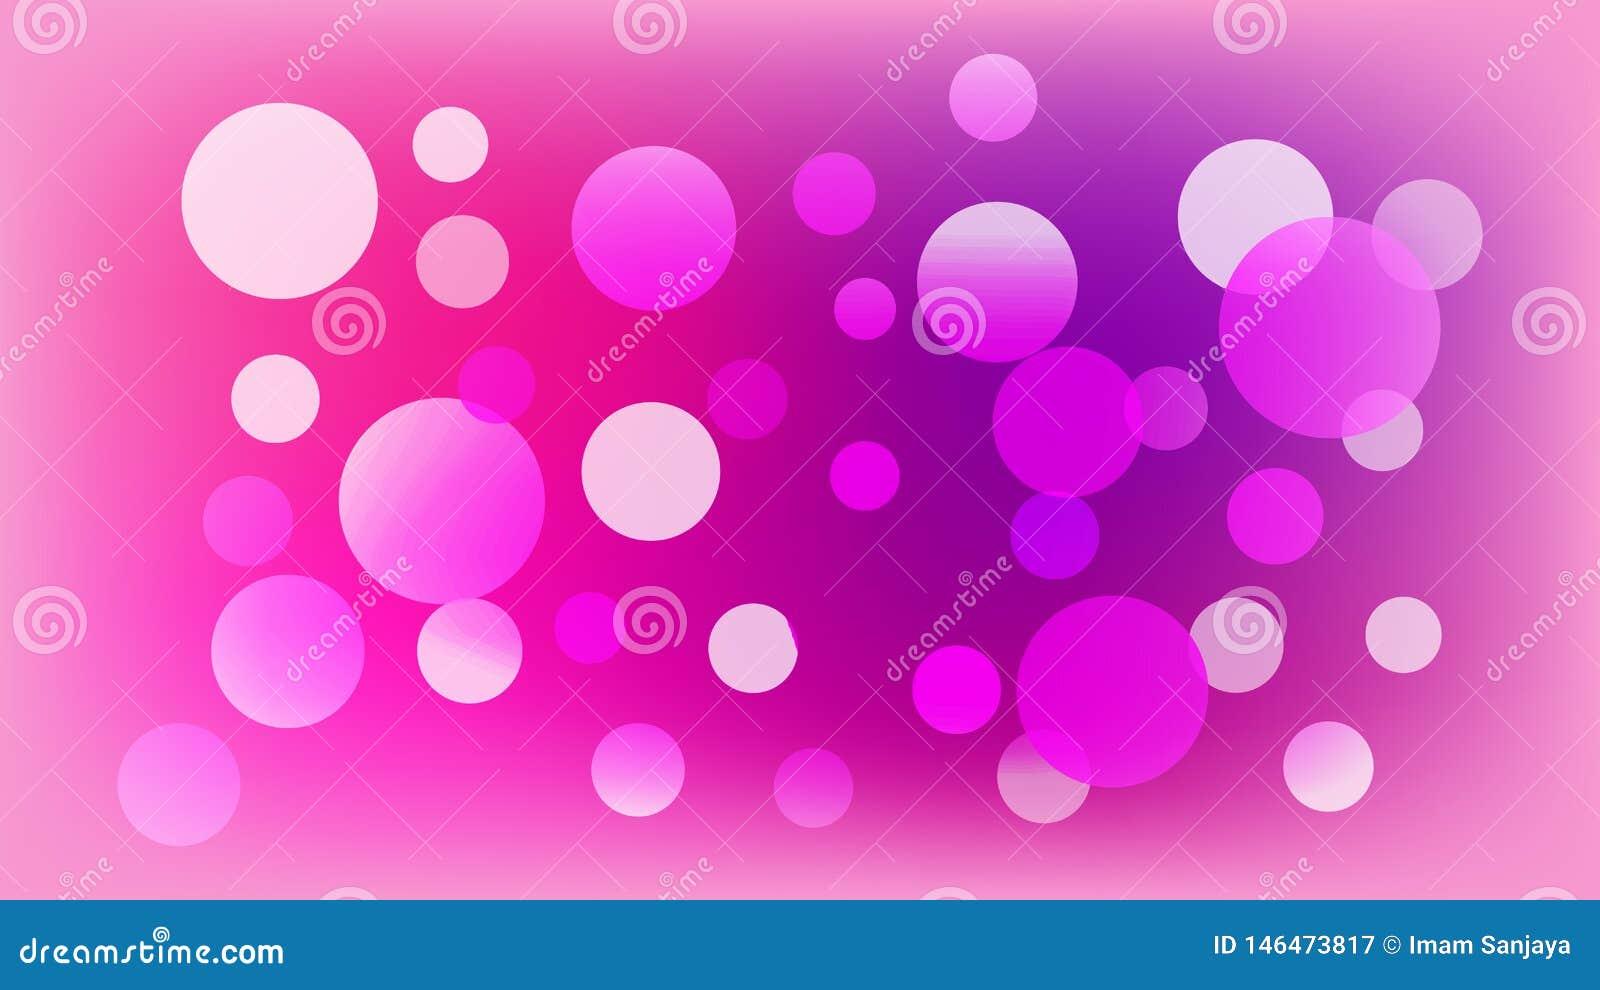 Światło - różowy wektorowy tło z okręgami Ilustracja z setem b?yszcze? kolorow? gradacj? Wz?r dla broszur, ulotki